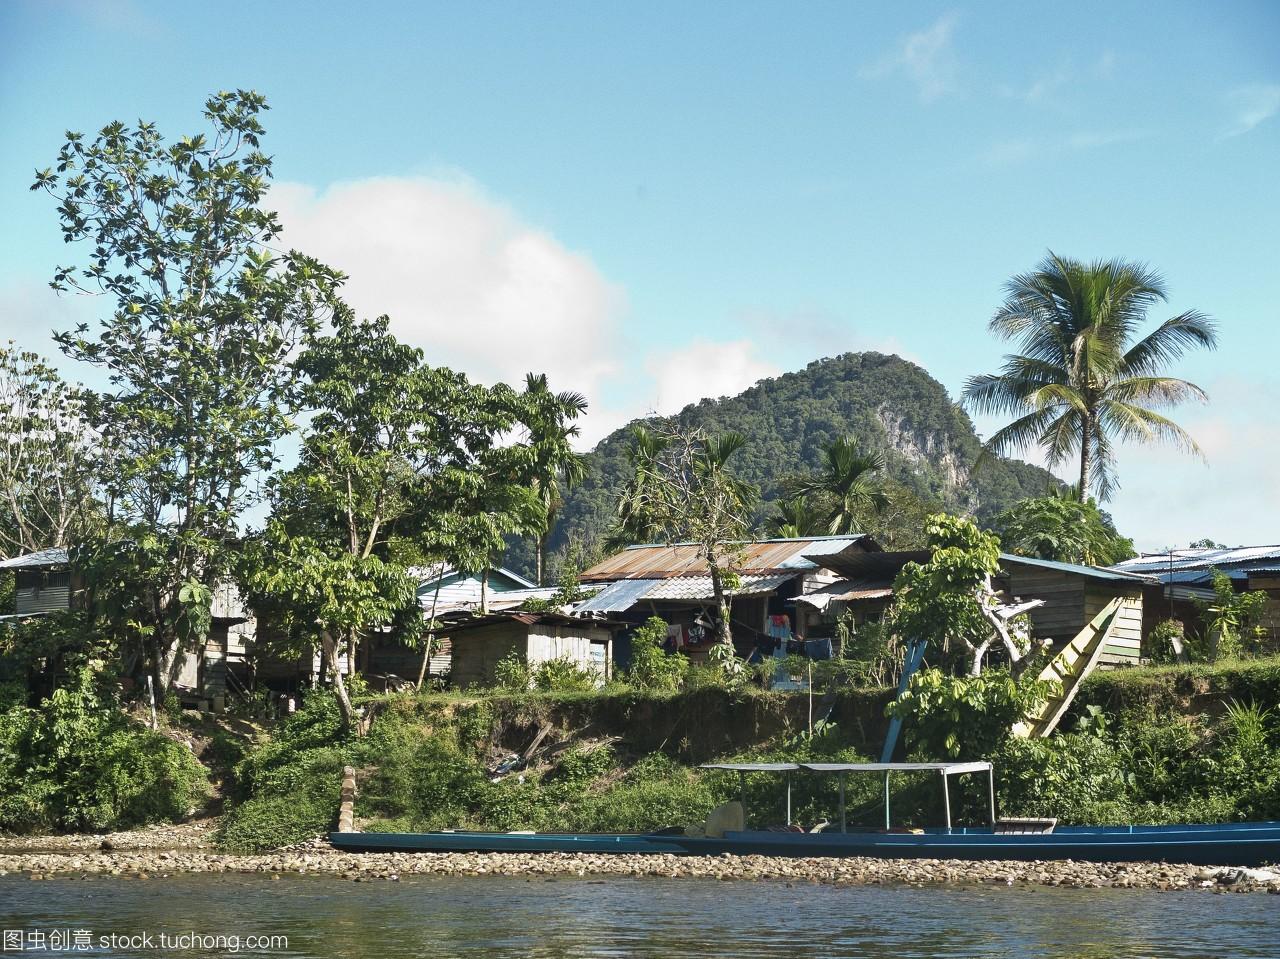 马来西亚,婆罗洲岛,沙捞越国,冈上穆鲁结局,公园攻略5完美公园仙剑图片